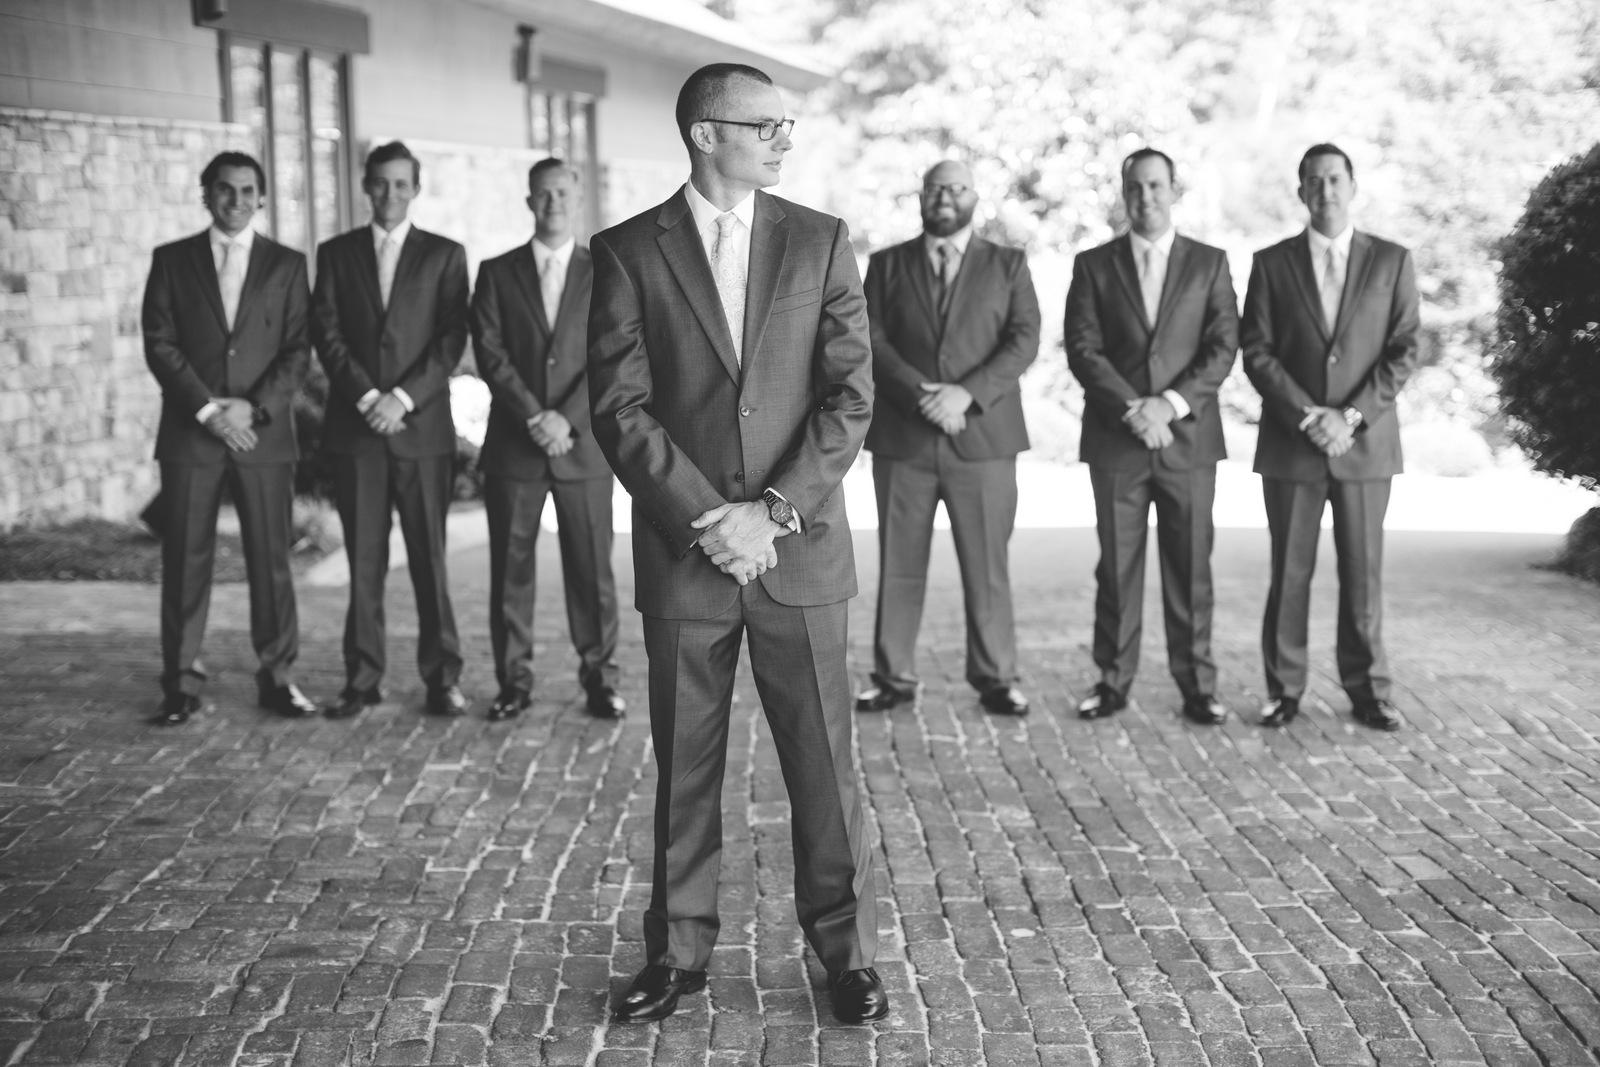 RyanKacie-weddingparty-1-56.jpg